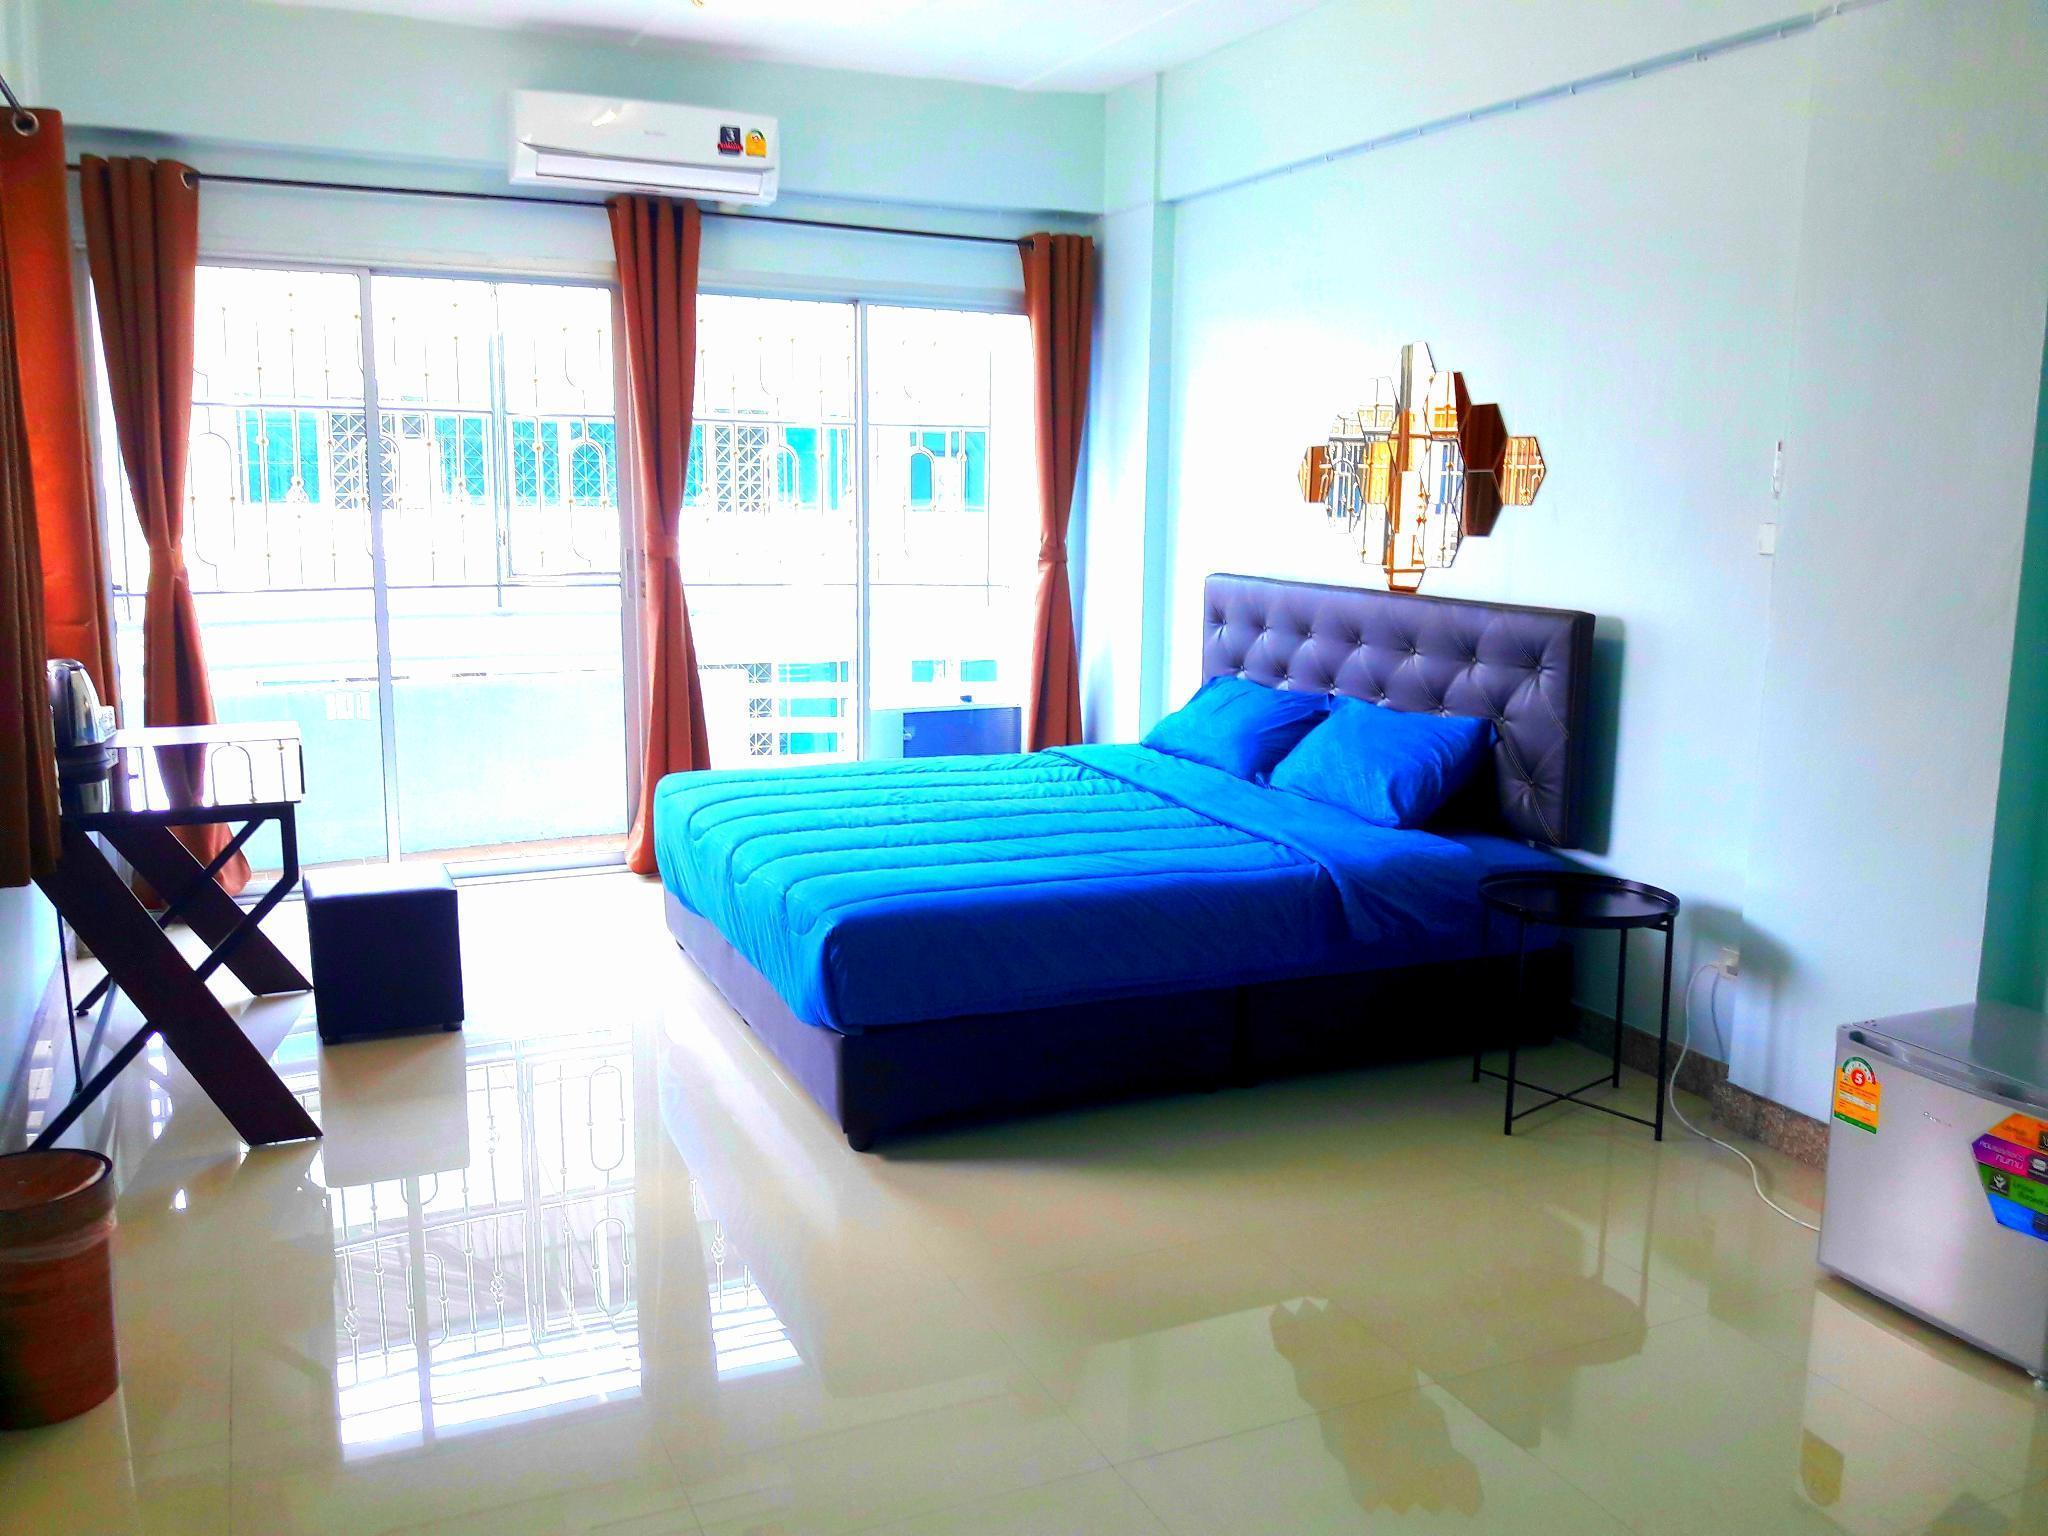 U&D guest house อพาร์ตเมนต์ 1 ห้องนอน 1 ห้องน้ำส่วนตัว ขนาด 25 ตร.ม. – ริมแม่น้ำกรุงเทพ